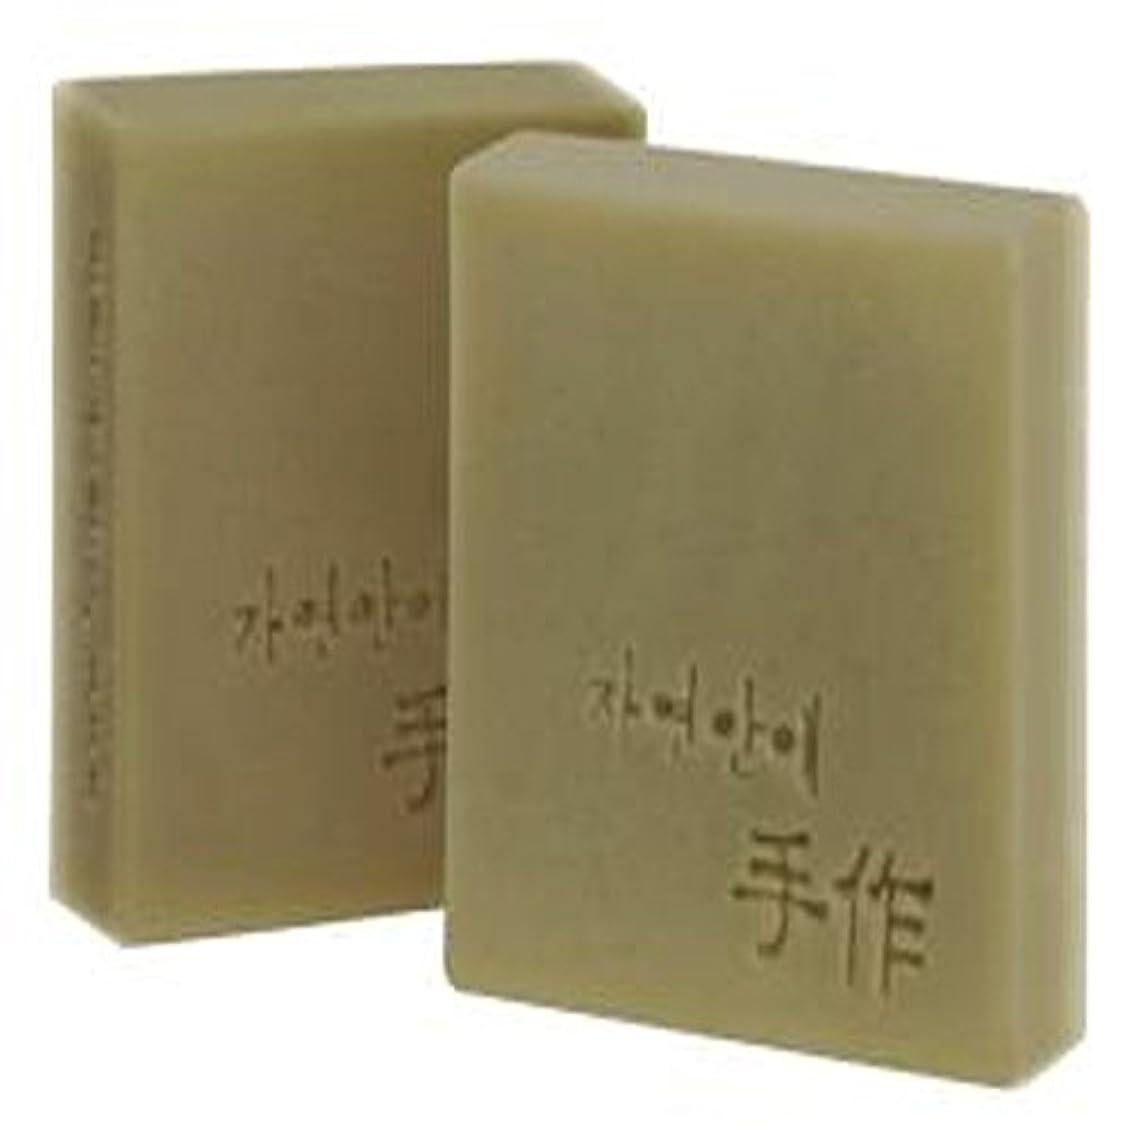 ゴミ箱を空にする私達マウスNatural organic 有機天然ソープ 固形 無添加 洗顔せっけんクレンジング 石鹸 [並行輸入品] (バナナ)